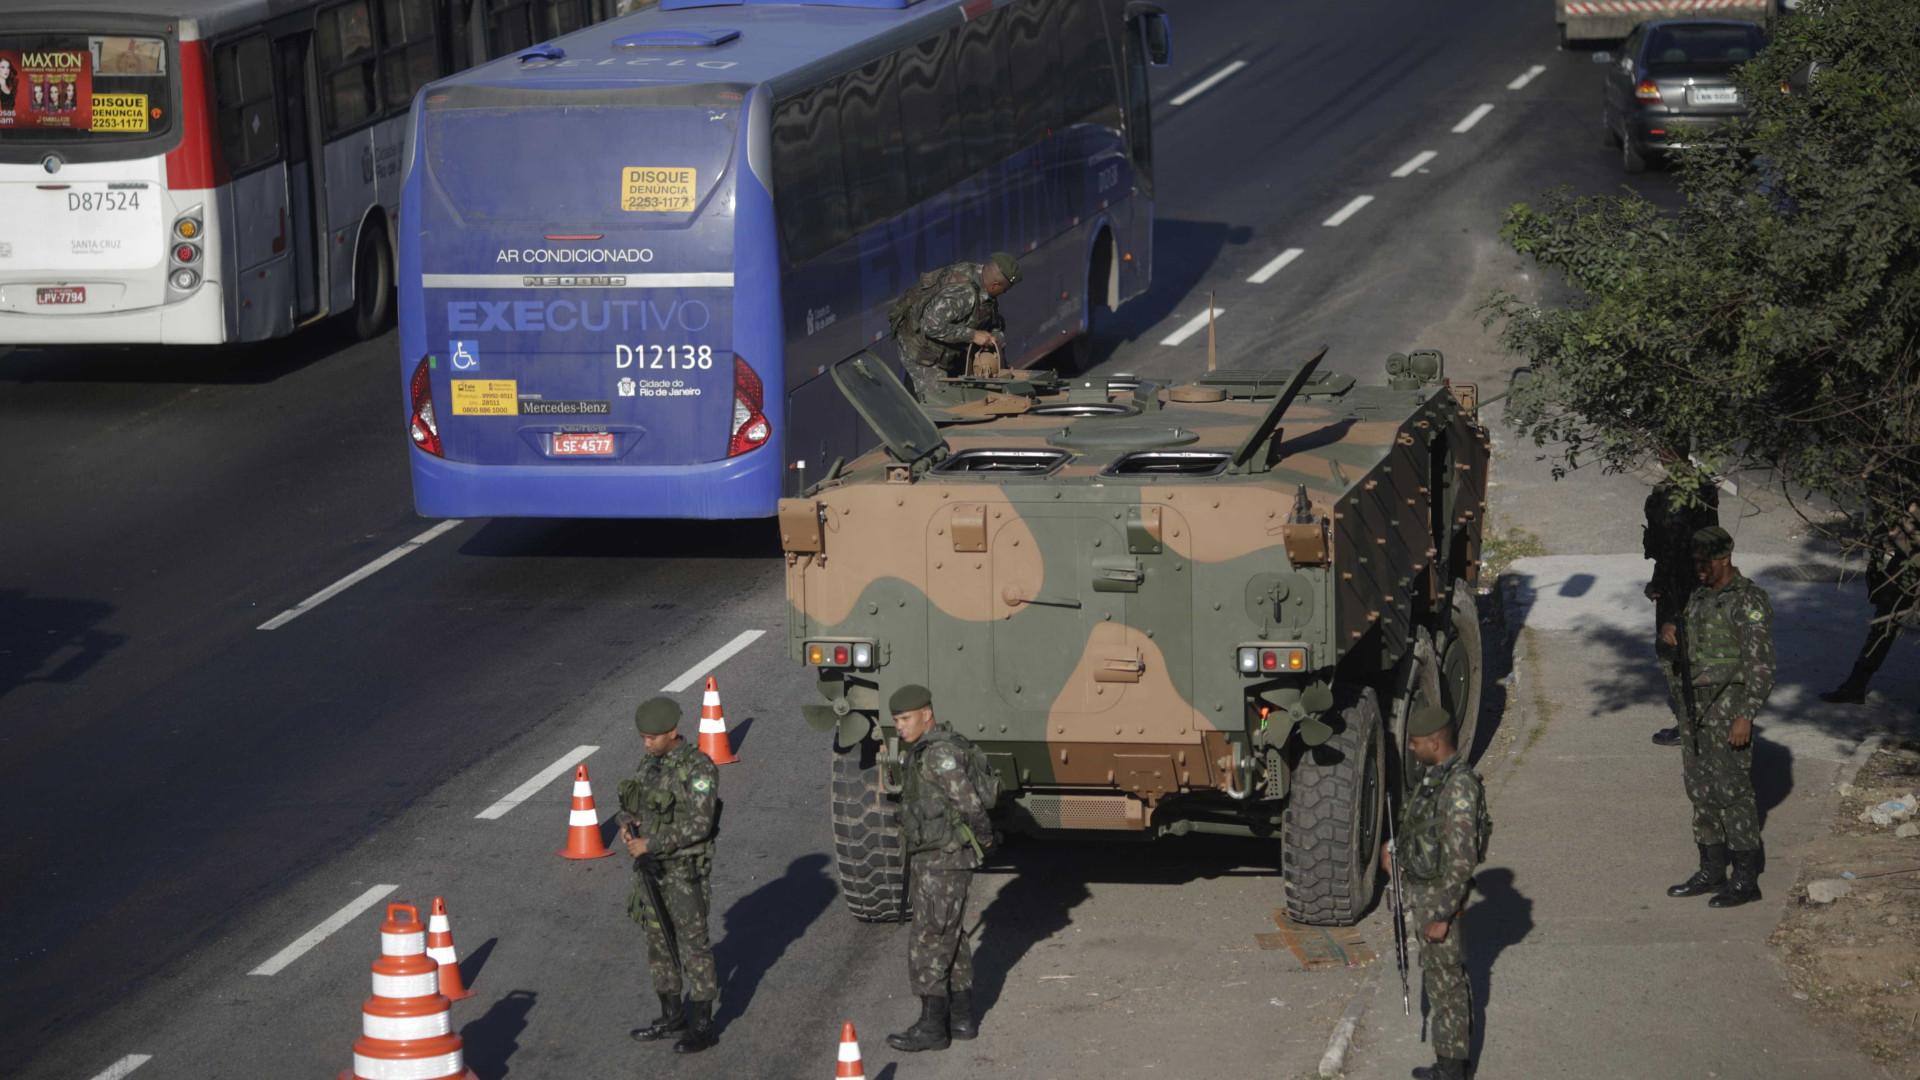 Dezoito são presos em operação das Forças Armadas no Rio